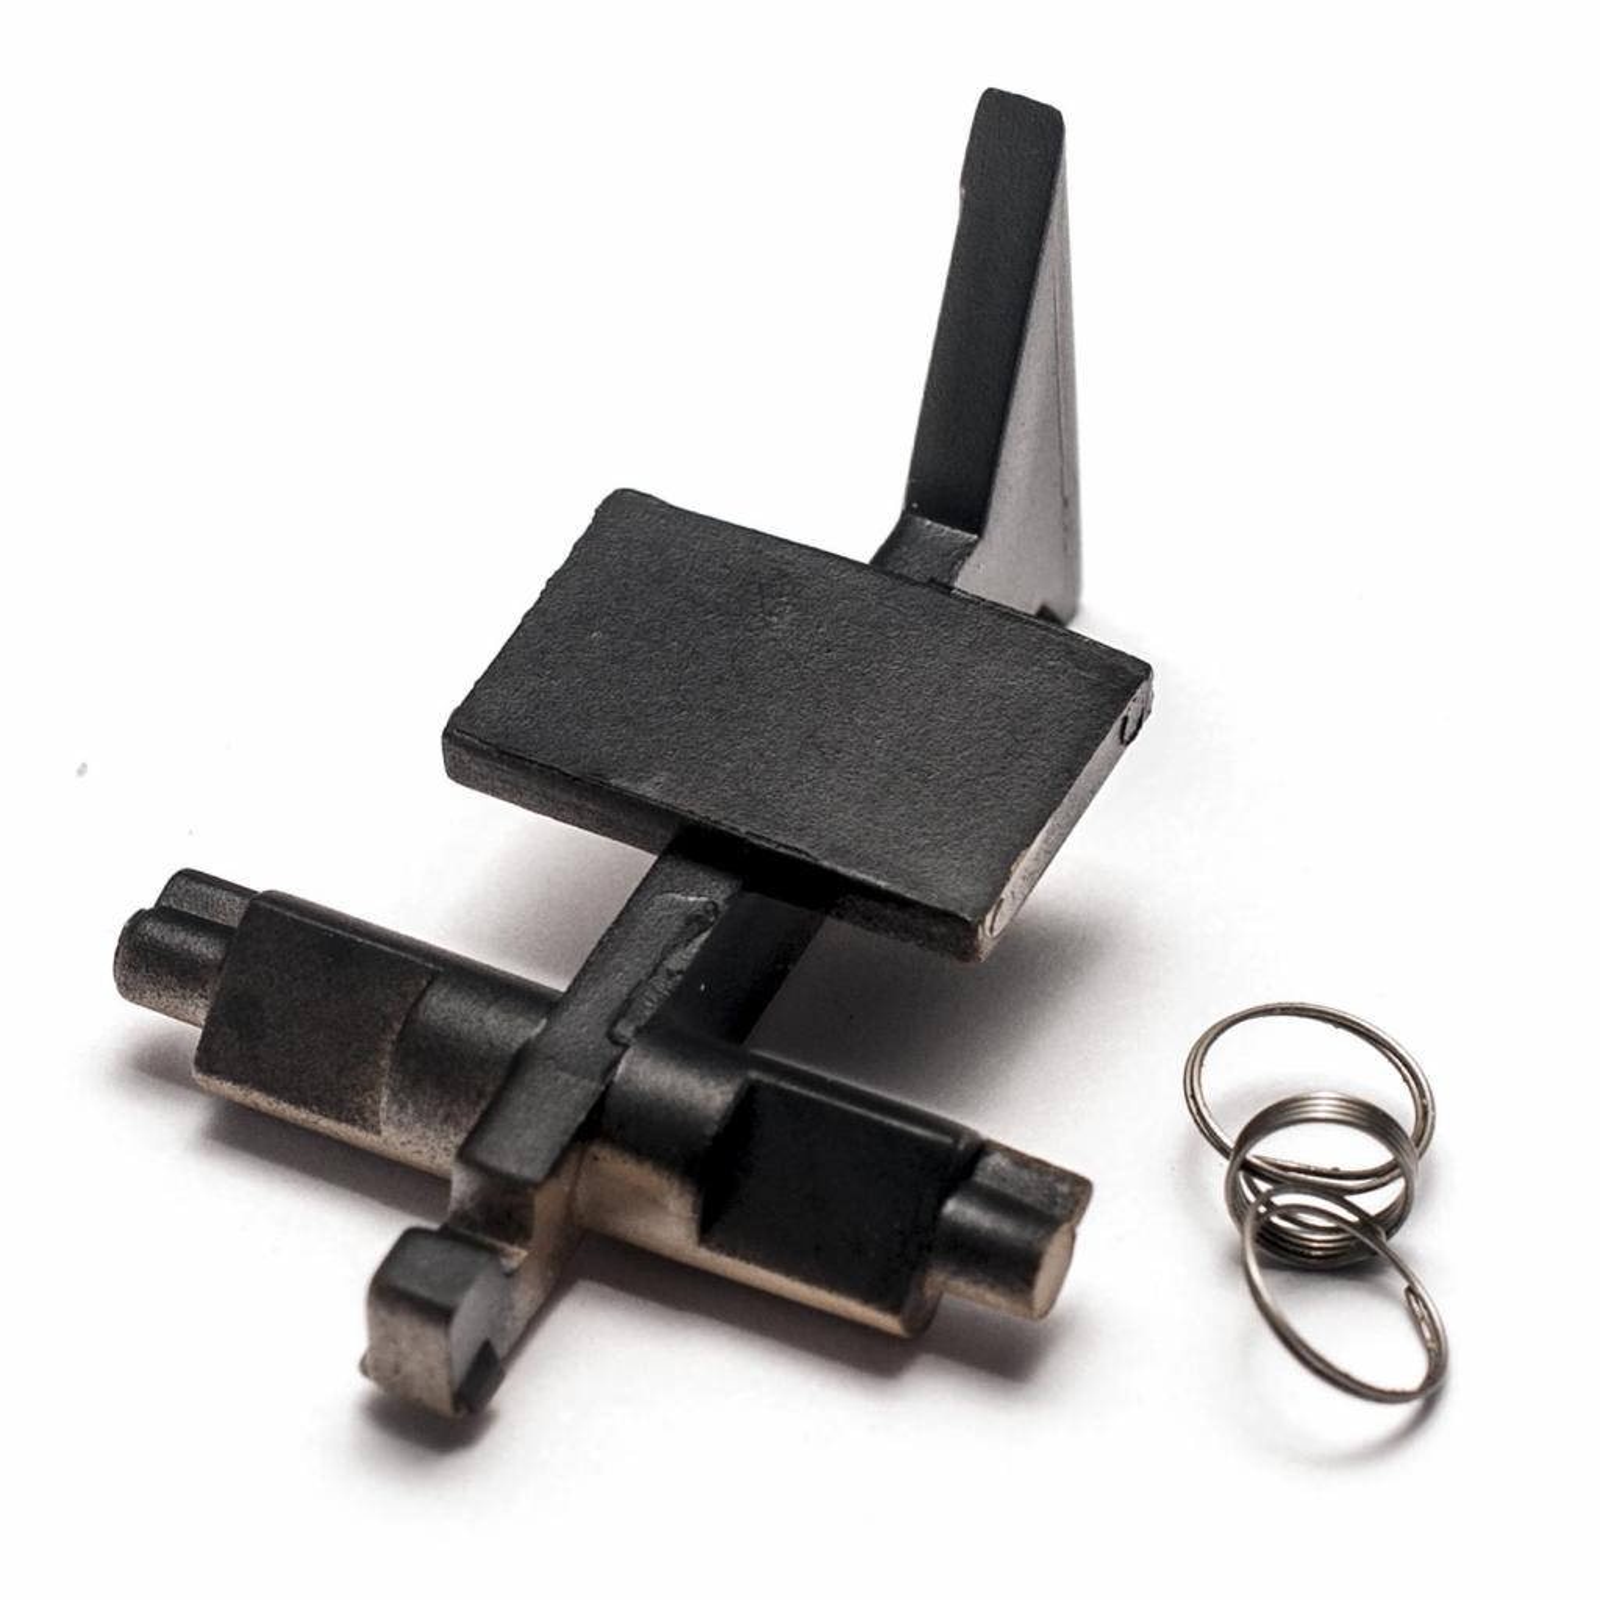 Сепаратор тефлонового вала RICOH AFICIO 1015/1018/2015/2018/ MP1600/1800/2500/2000 (AE0 CET (CET6173)